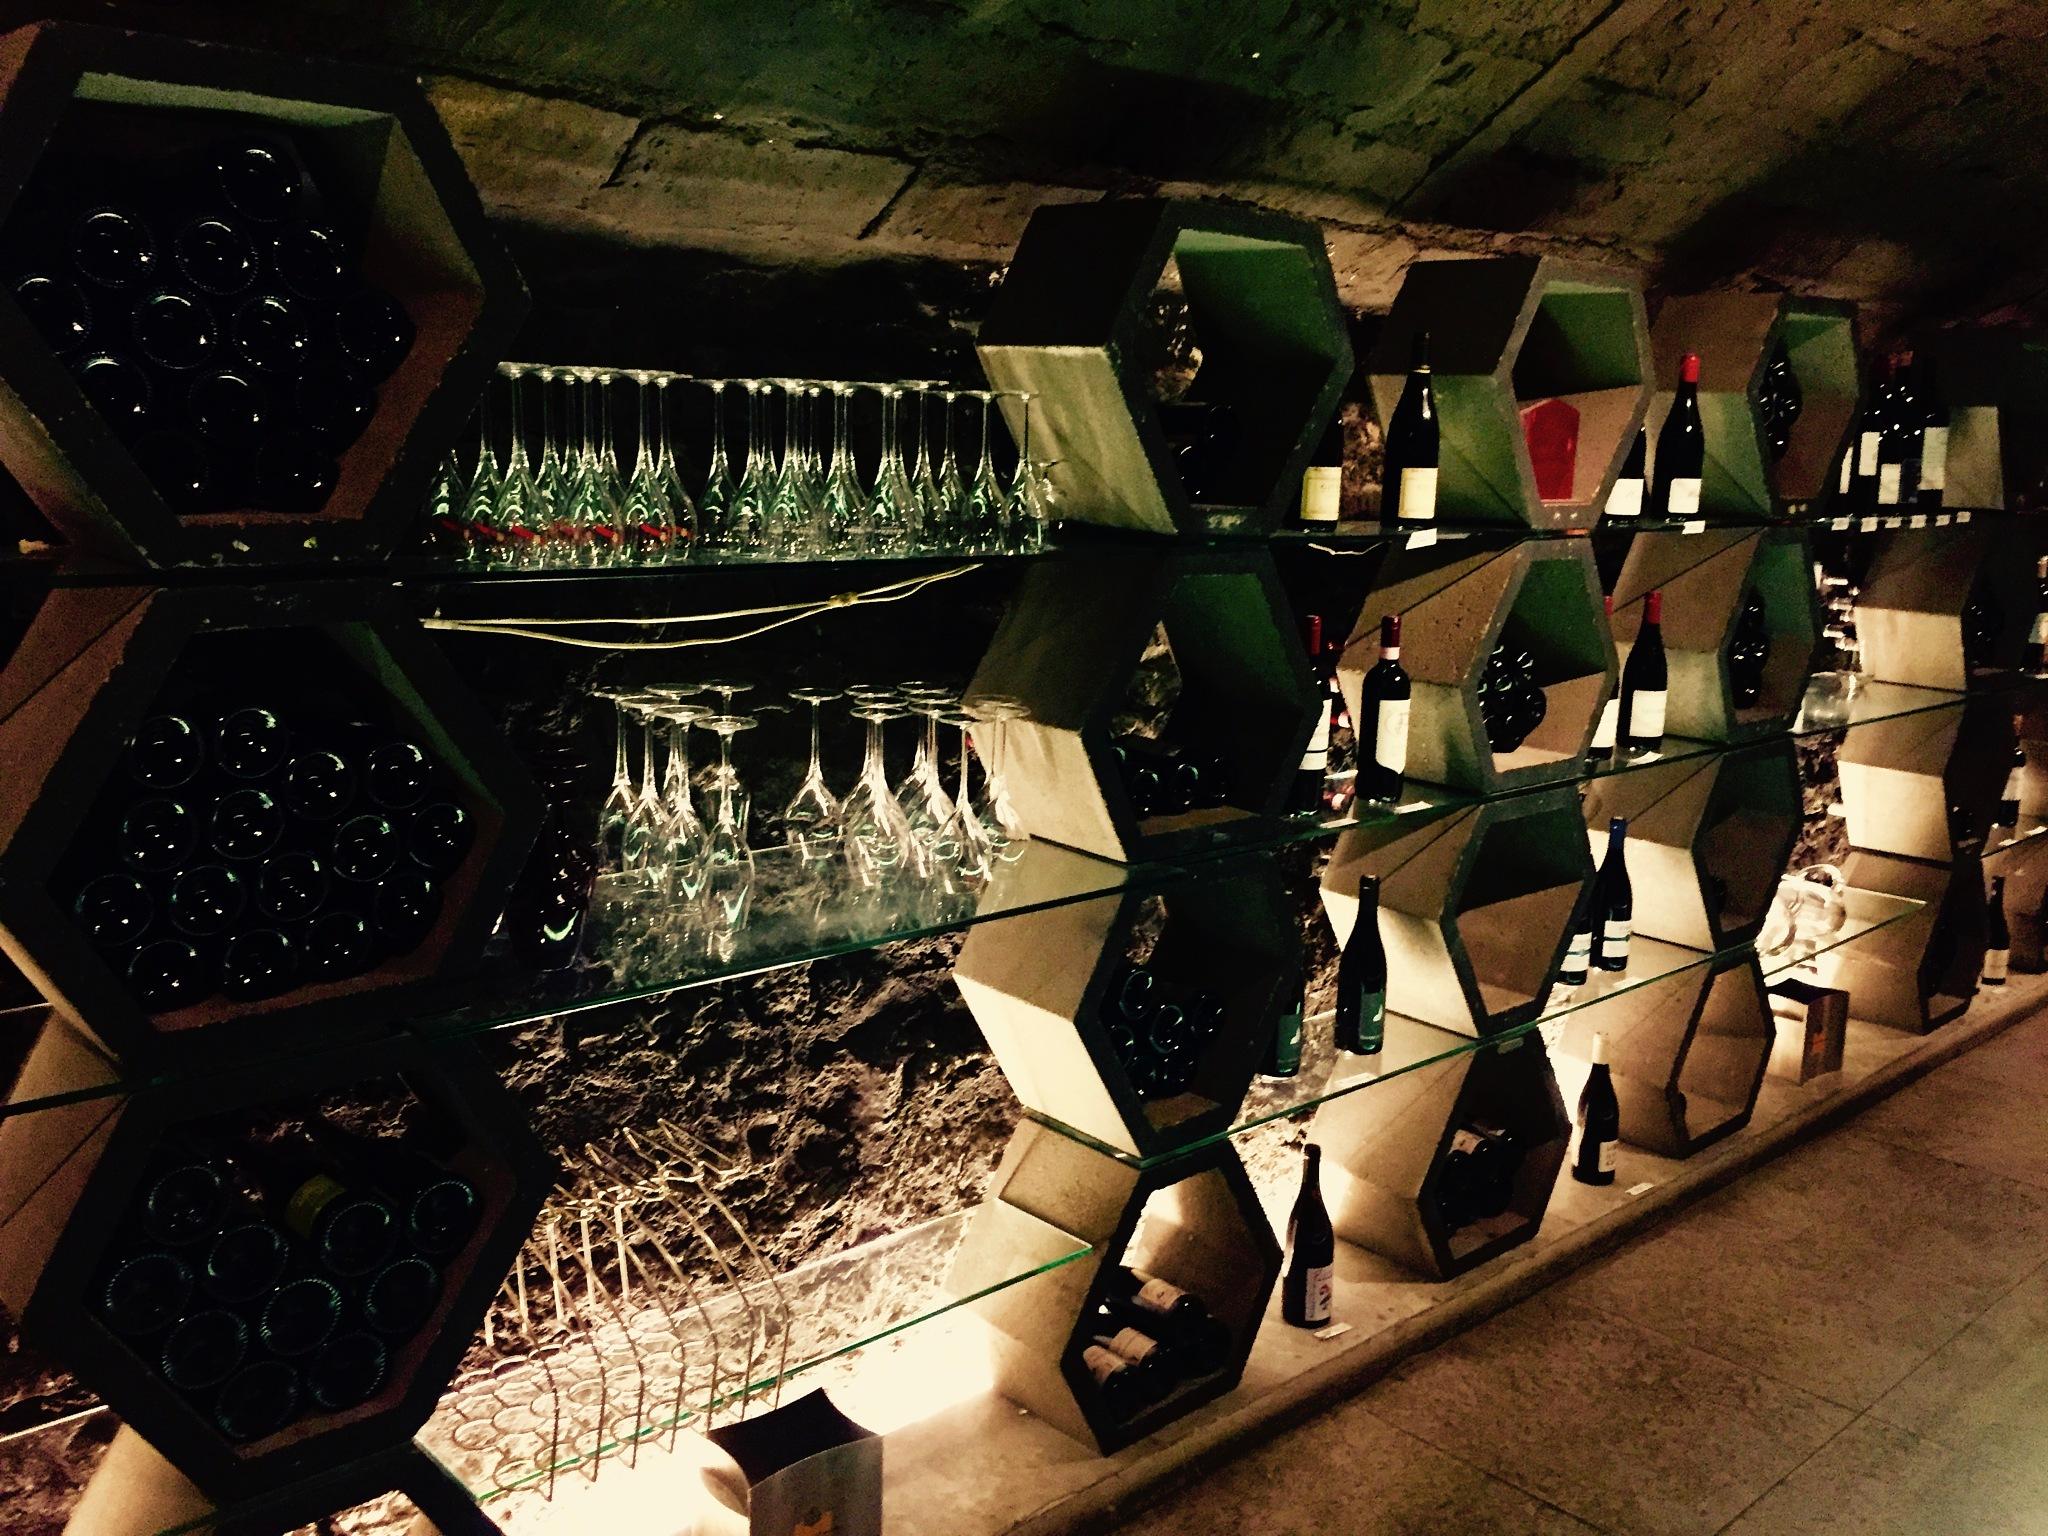 cave a vin by destromurilo